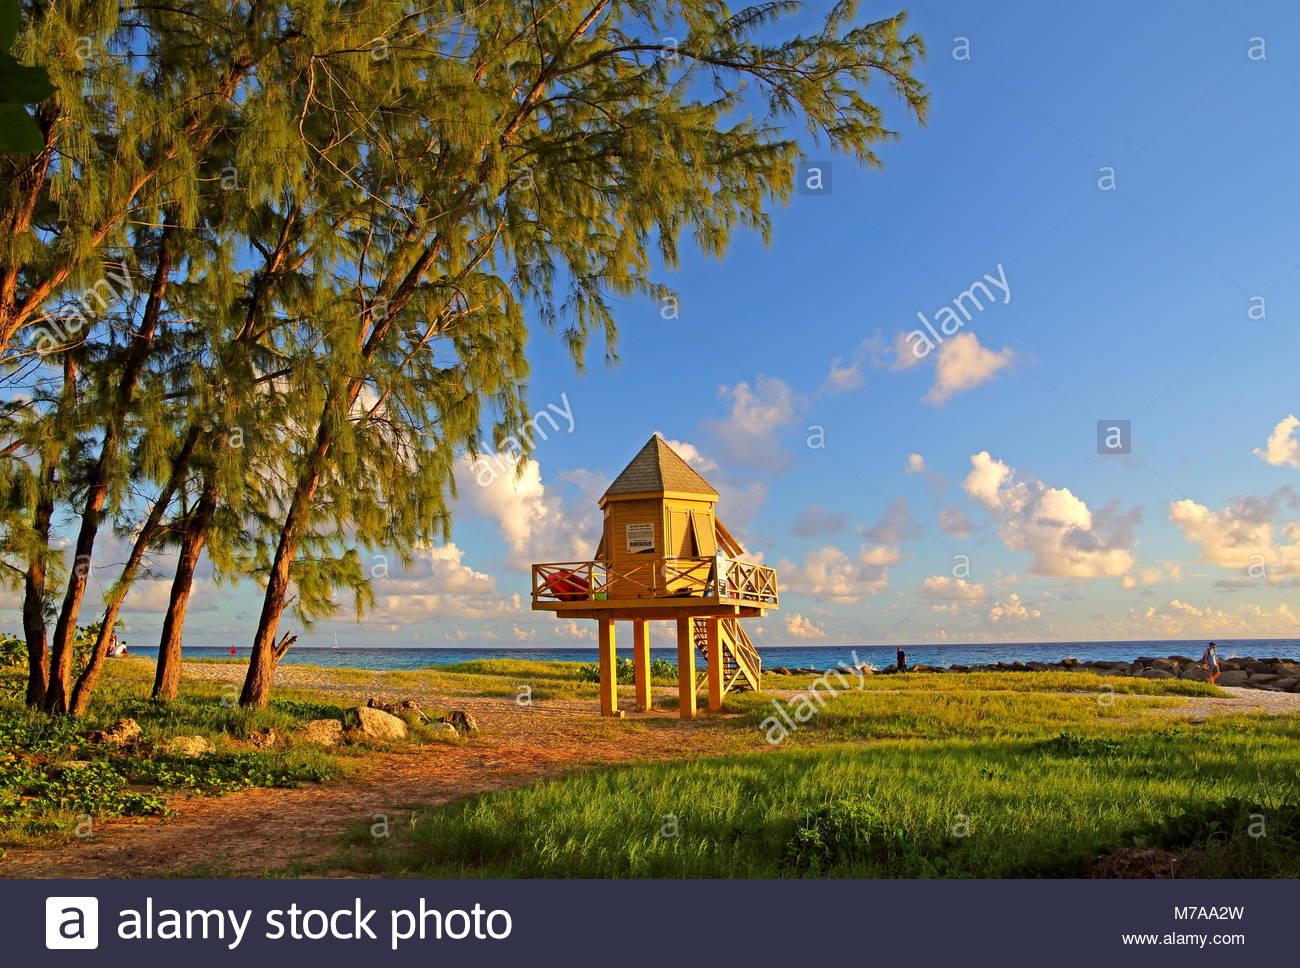 Typische lifeguard Tower am Needhams Point Beach, Brigdetown, Barbados, Karibik, Kleine Antillen, Westindien Stockbild